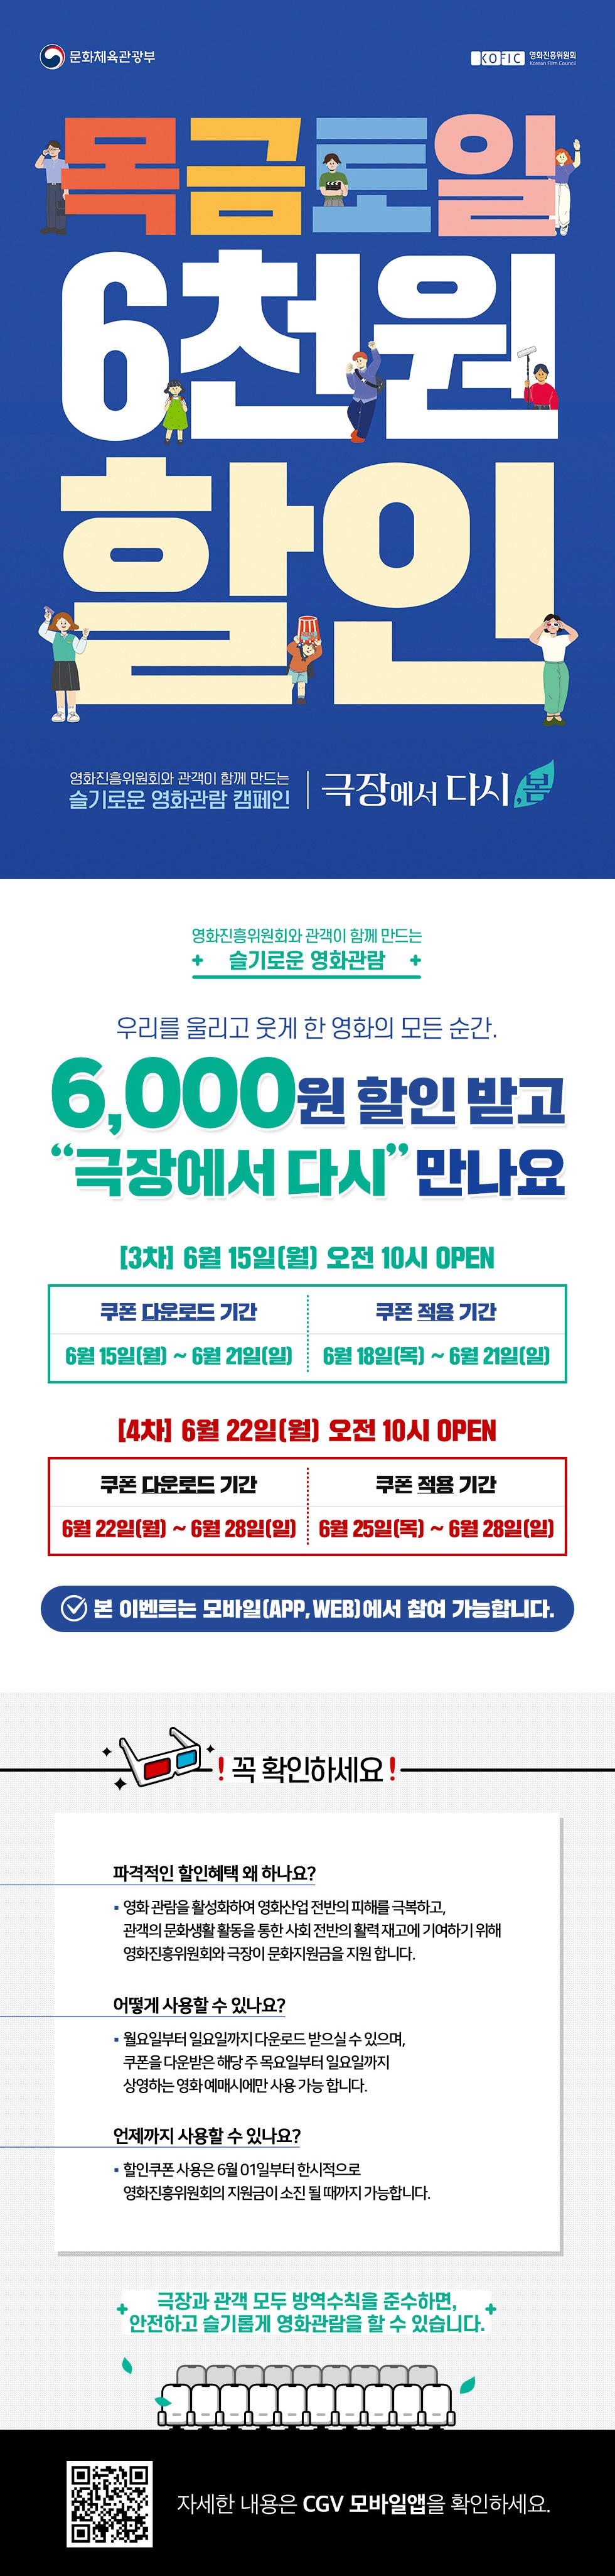 스페셜이벤트 [극장에서 다시,봄] 선착순 영화 6천 원 할인!